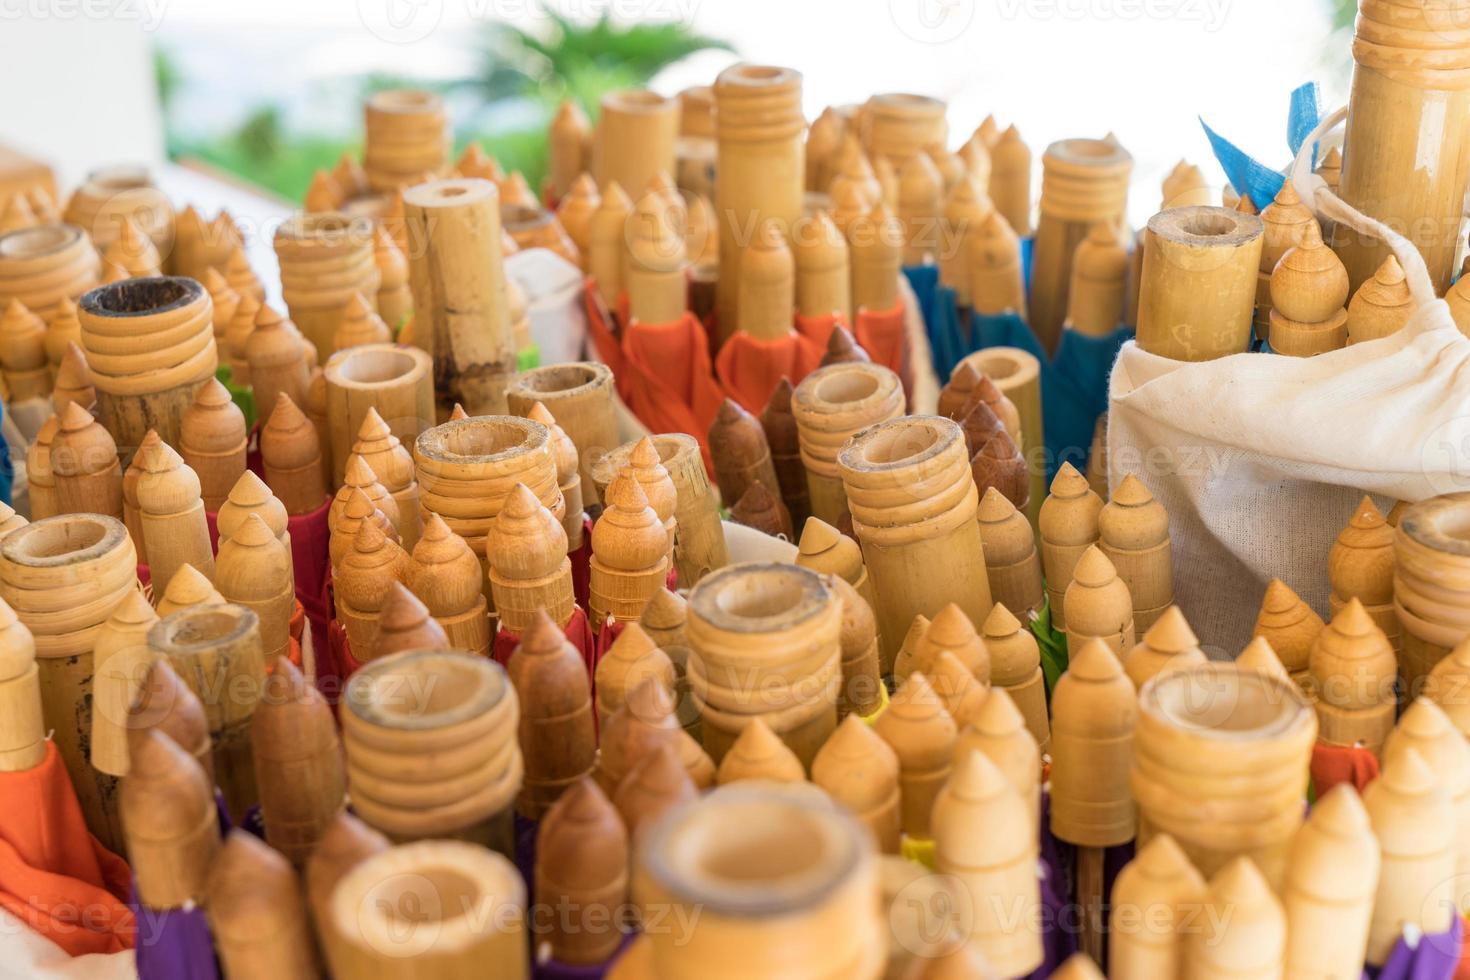 produção de bambu artesanal tailandês foto